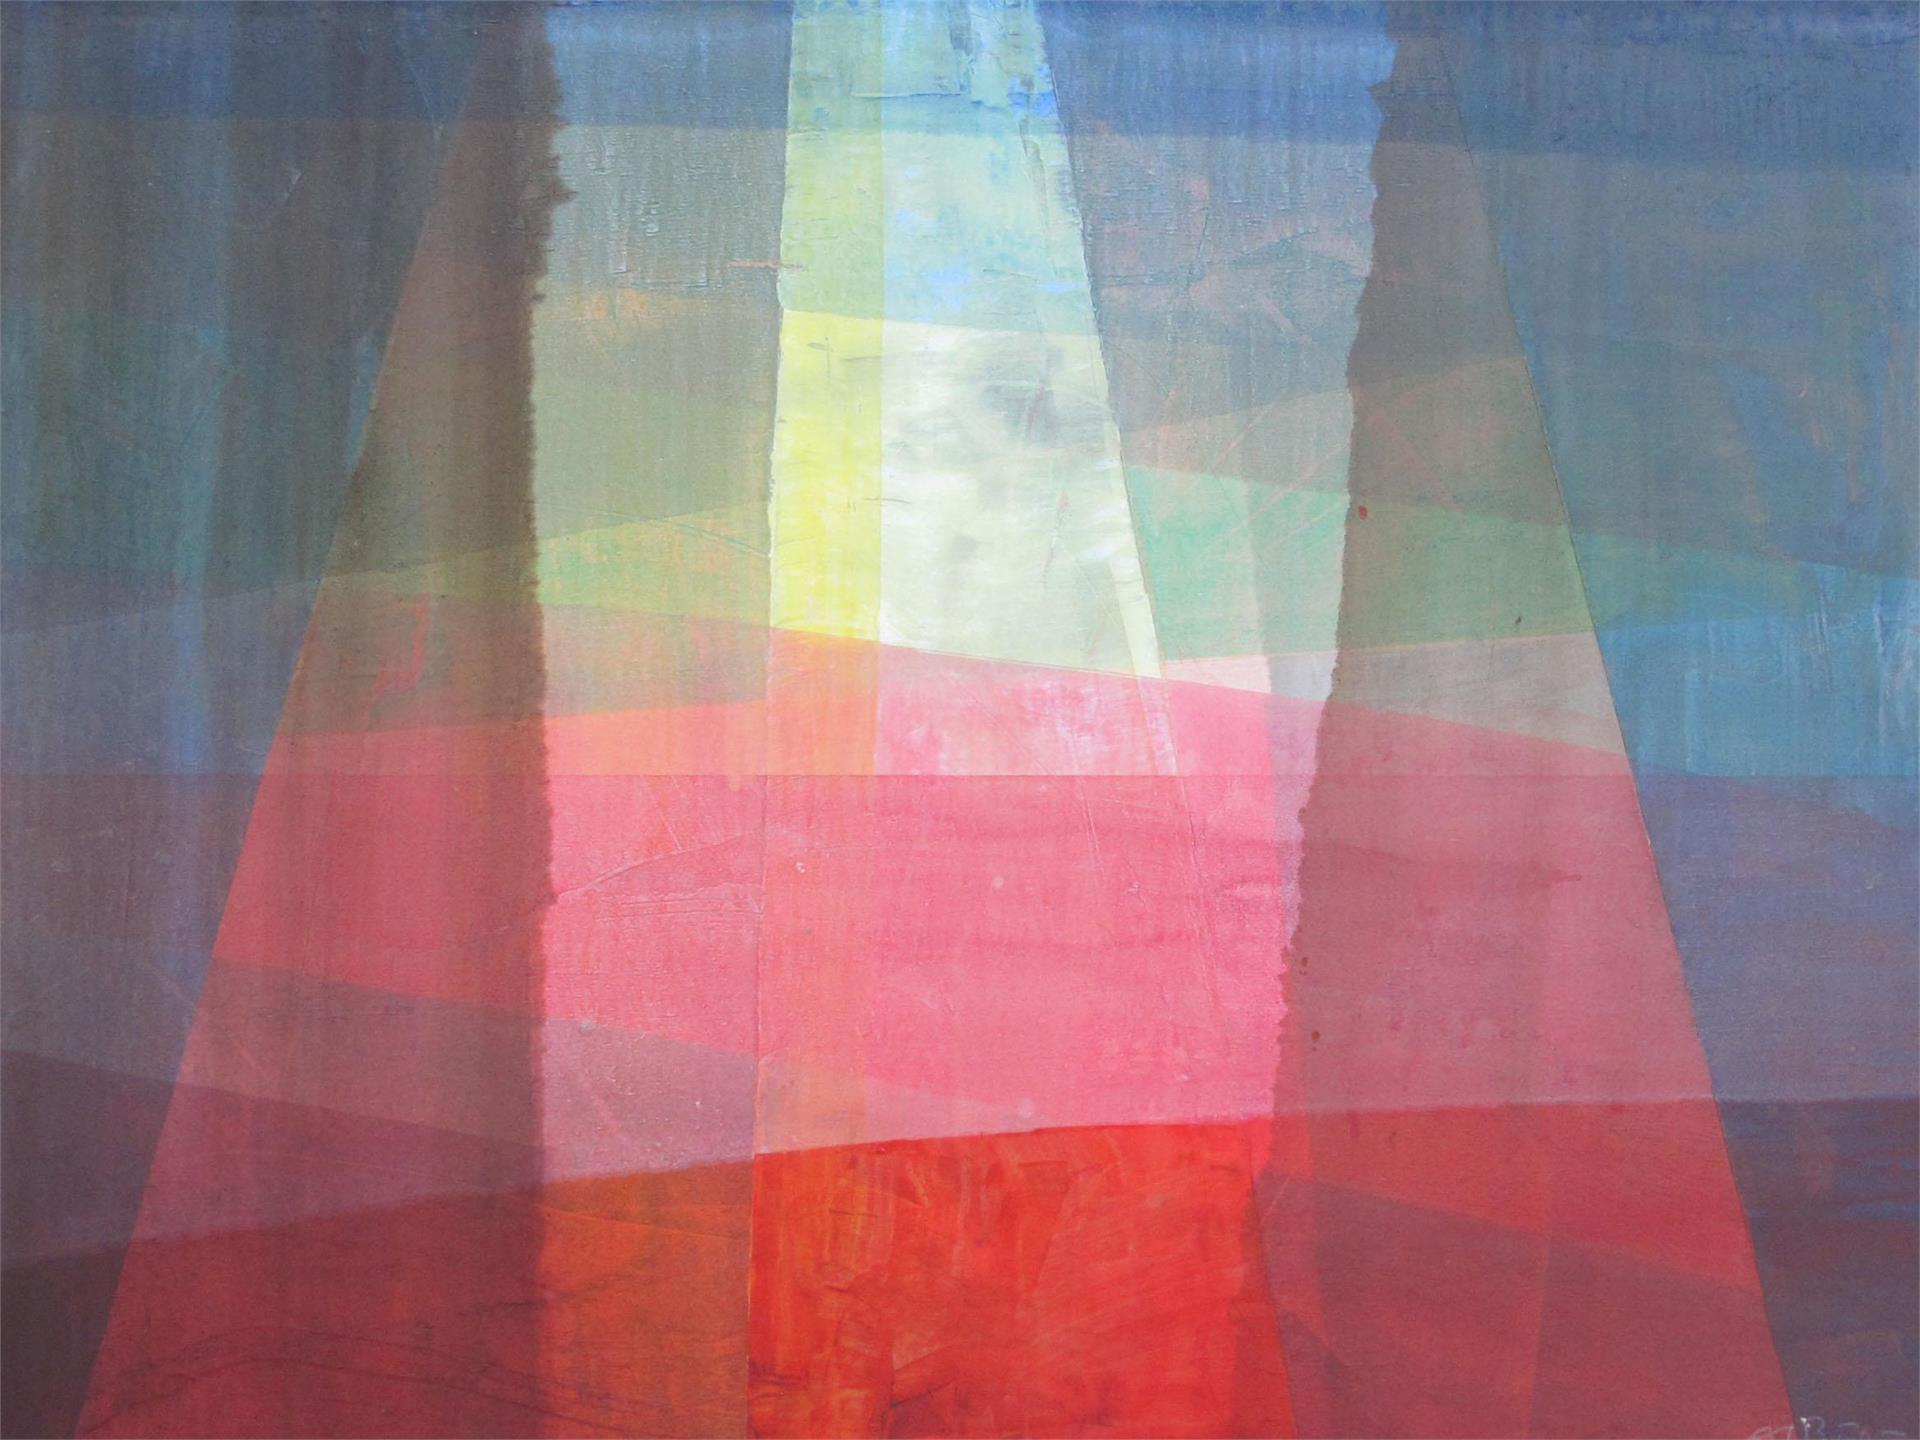 """Exhibition """"Albert Mellauner. 30 years city museum Bruneck"""""""